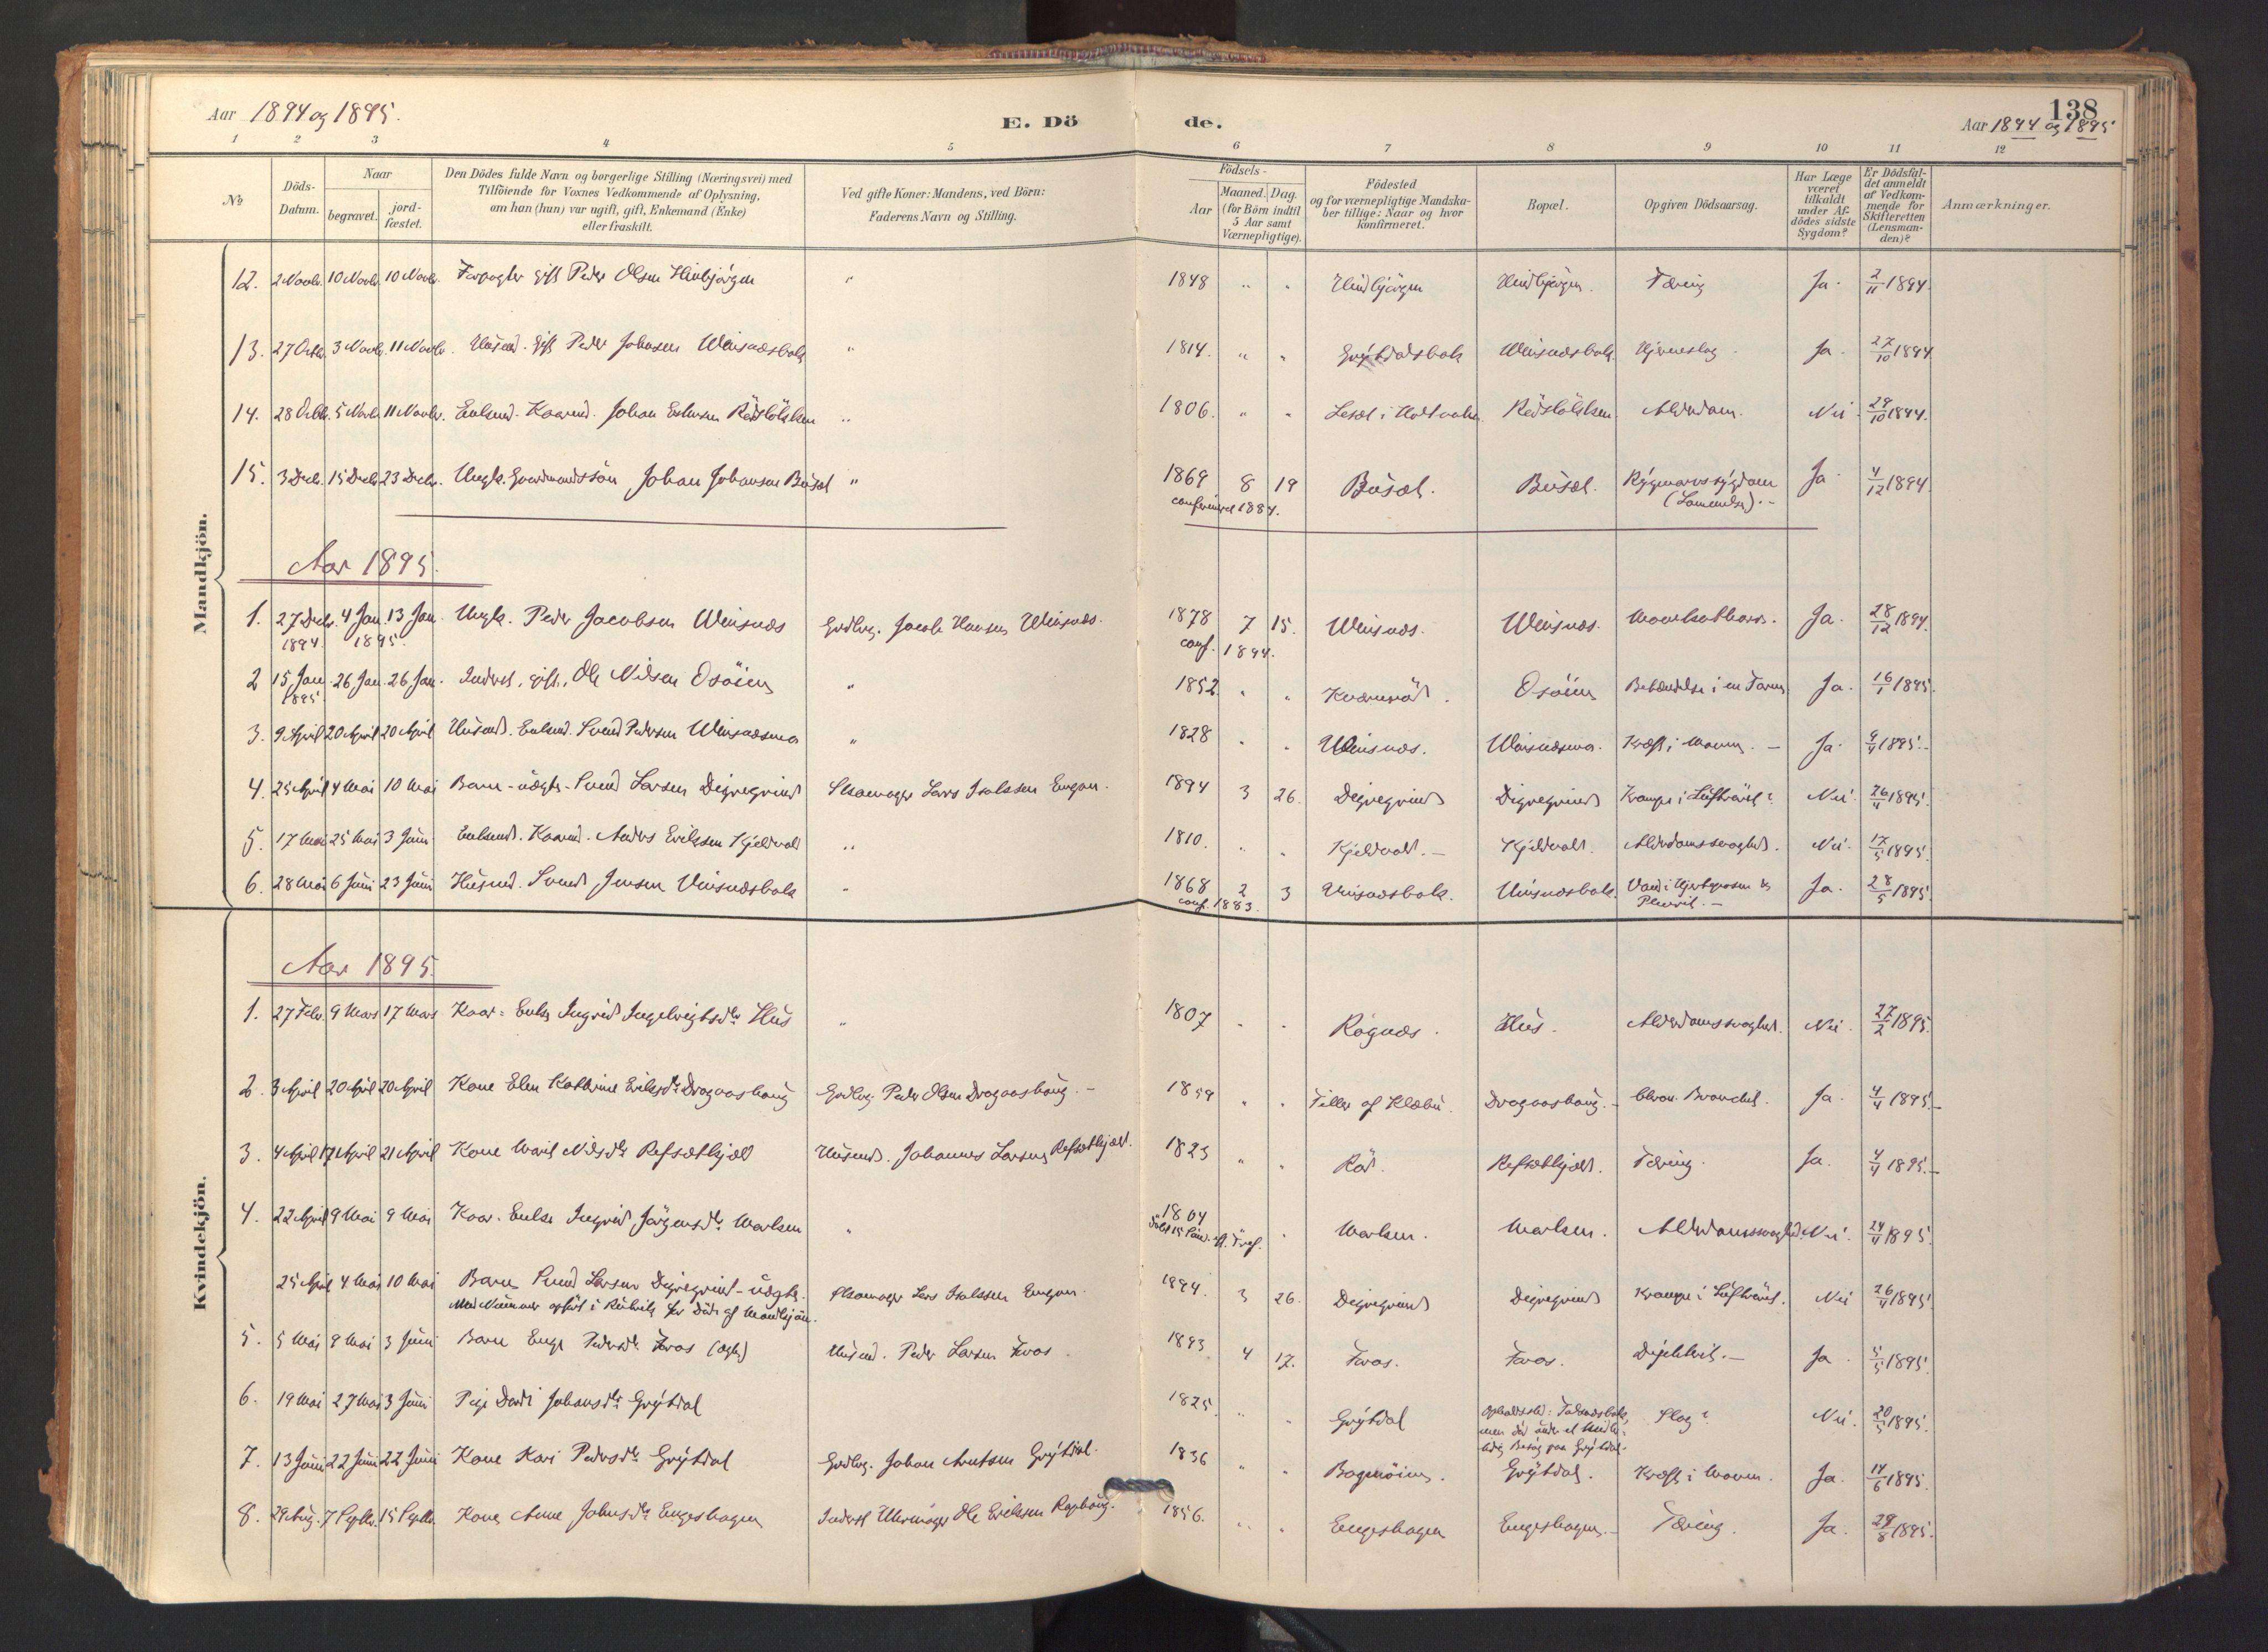 SAT, Ministerialprotokoller, klokkerbøker og fødselsregistre - Sør-Trøndelag, 688/L1025: Ministerialbok nr. 688A02, 1891-1909, s. 138